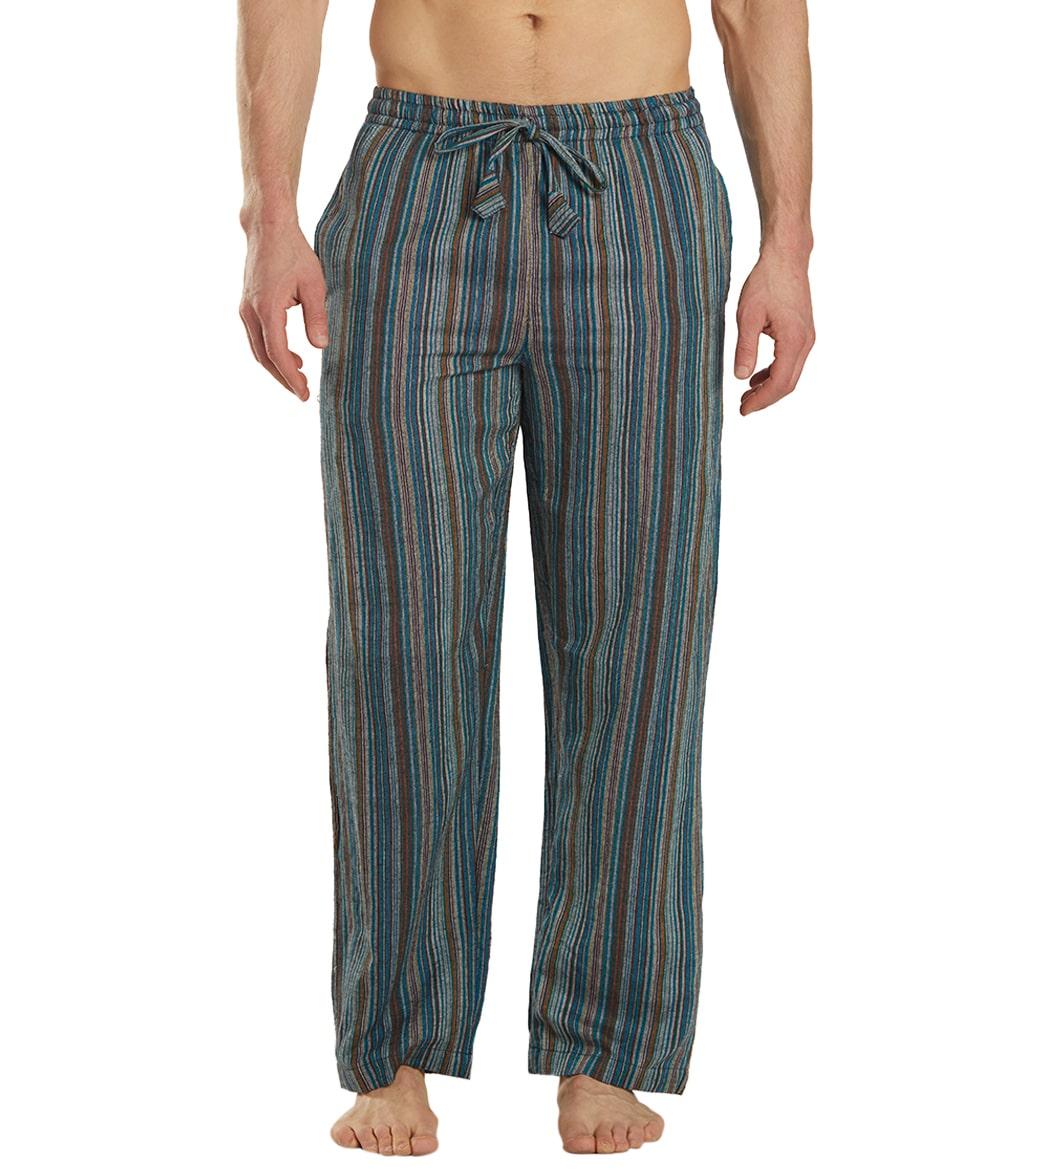 914d22edc4 Yak & Yeti Men's Cotton Yoga Pants at YogaOutlet.com